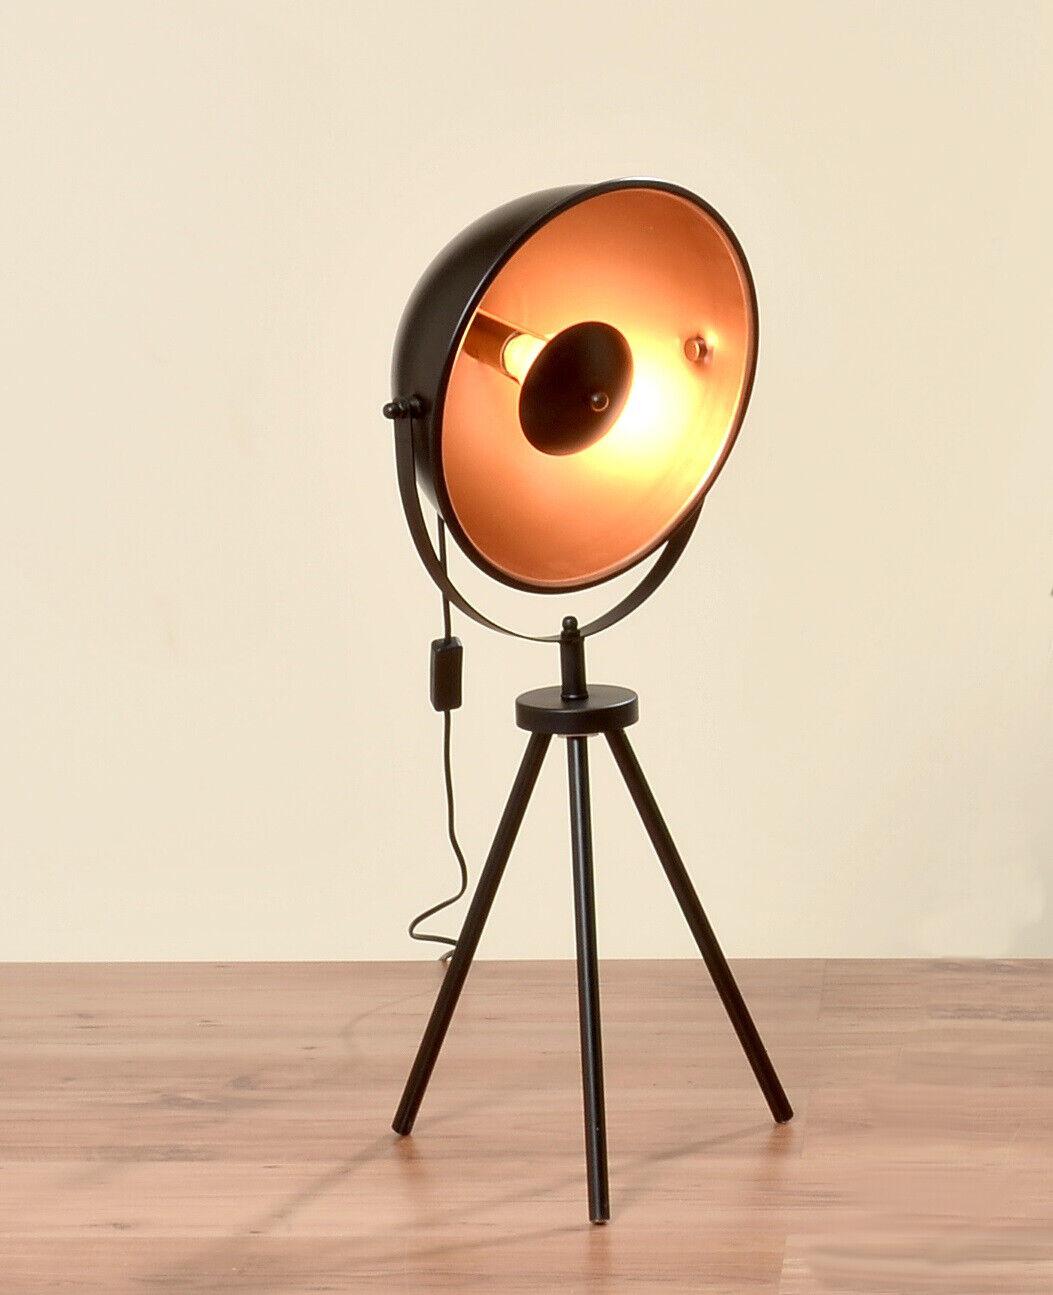 Stehlampe Studiolampe Retro Dreibein Scheinwerfer